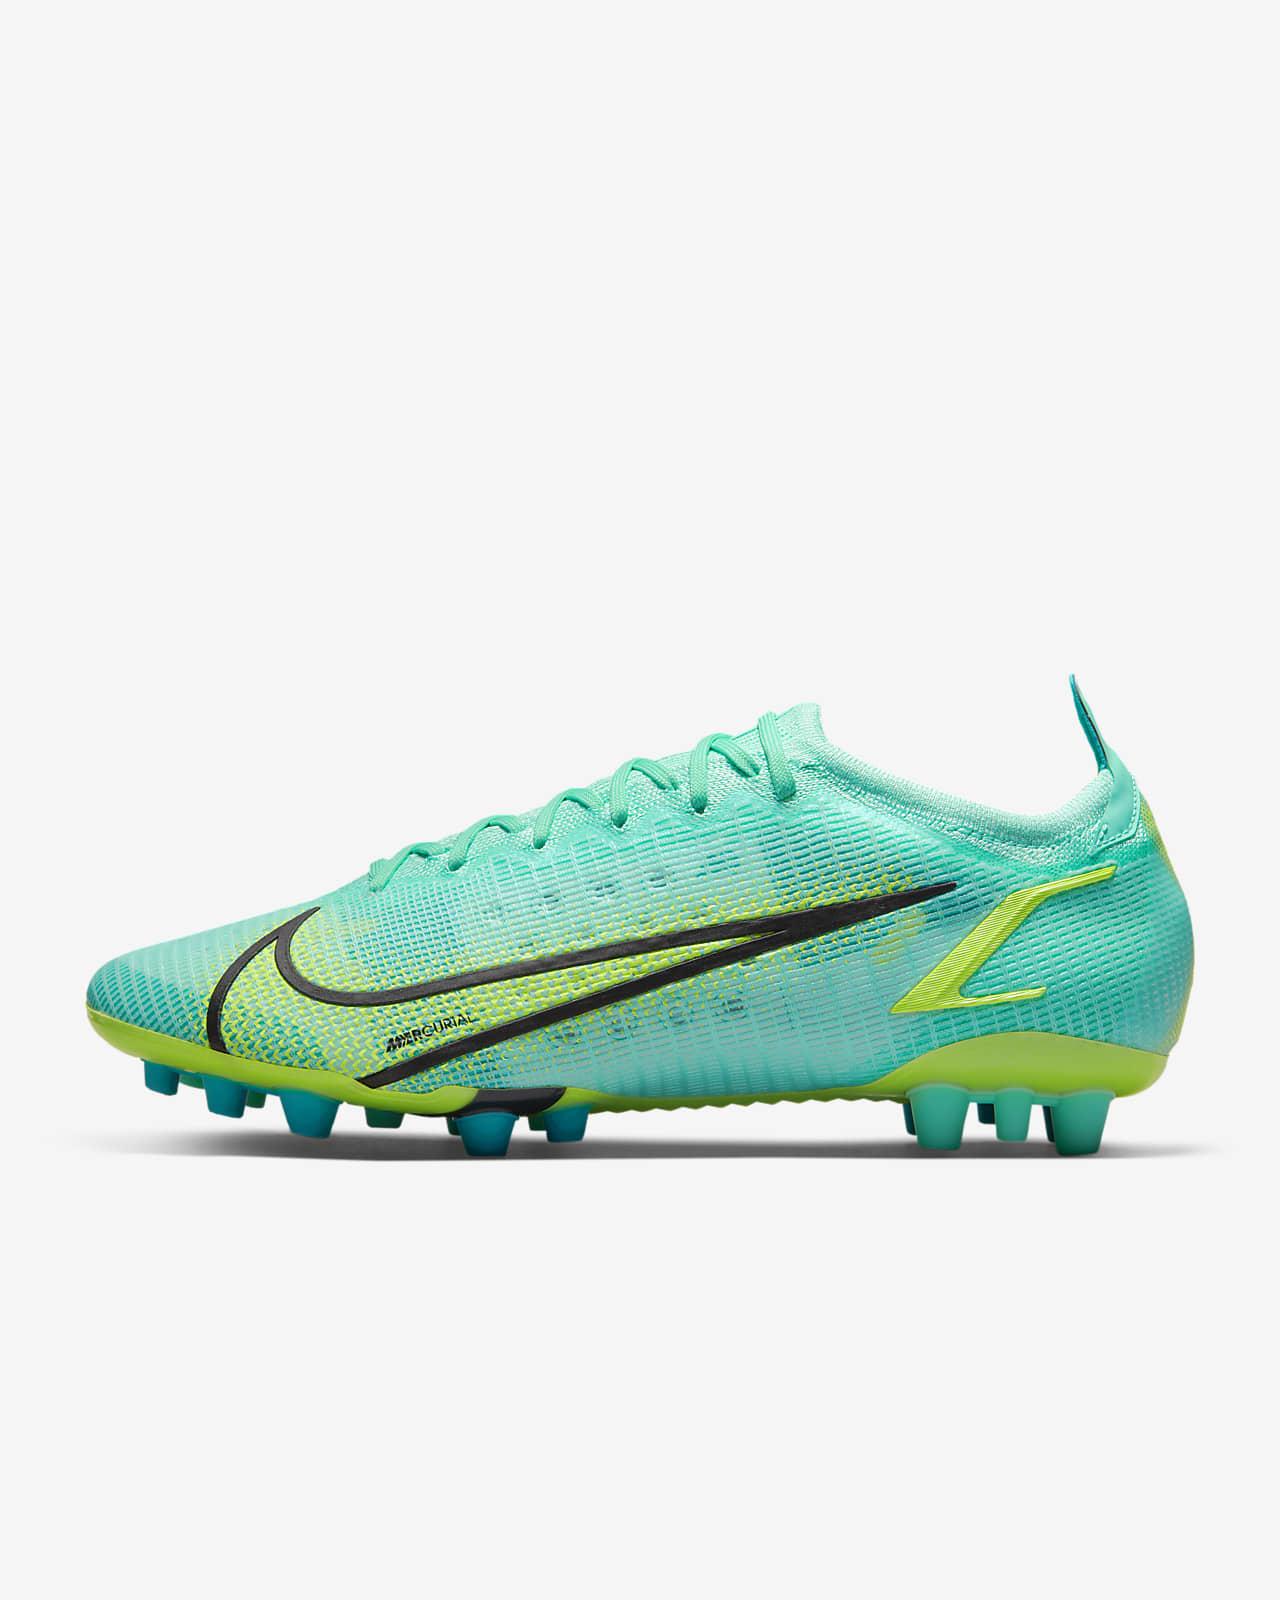 Ποδοσφαιρικό παπούτσι για τεχνητό γρασίδι Nike Mercurial Vapor 14 Elite AG